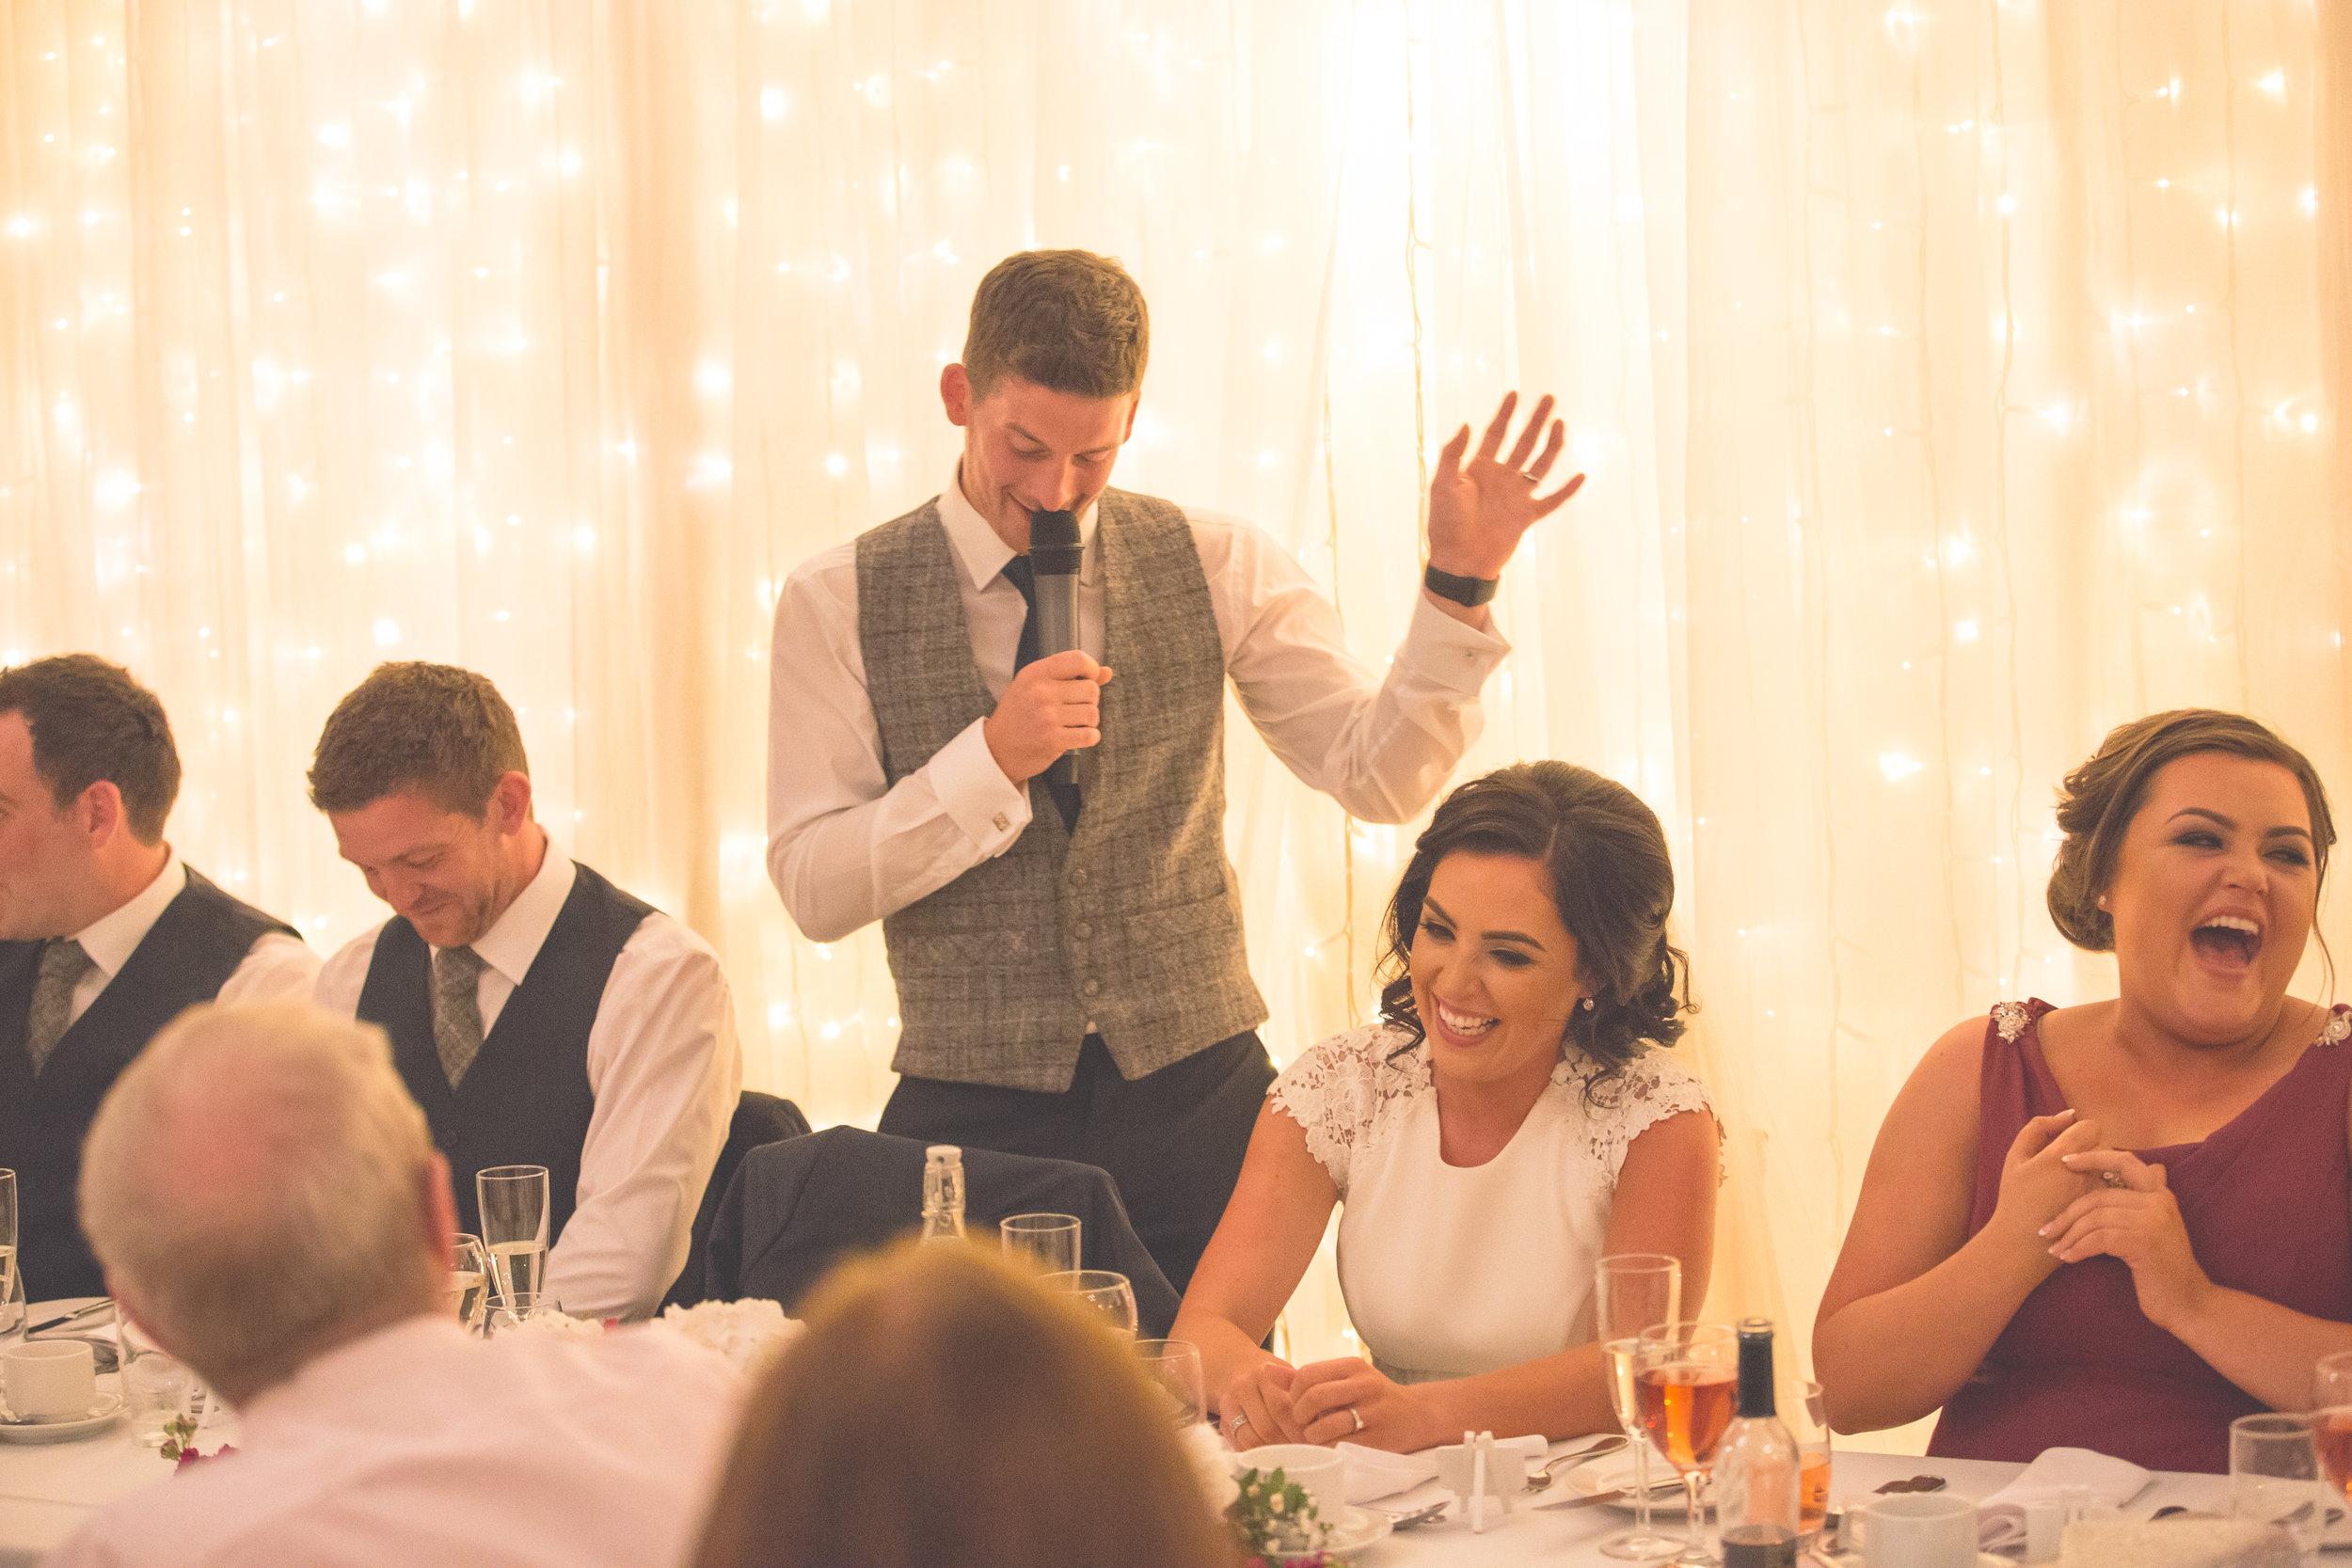 Brian McEwan Wedding Photography | Carol-Anne & Sean | The Speeches-92.jpg